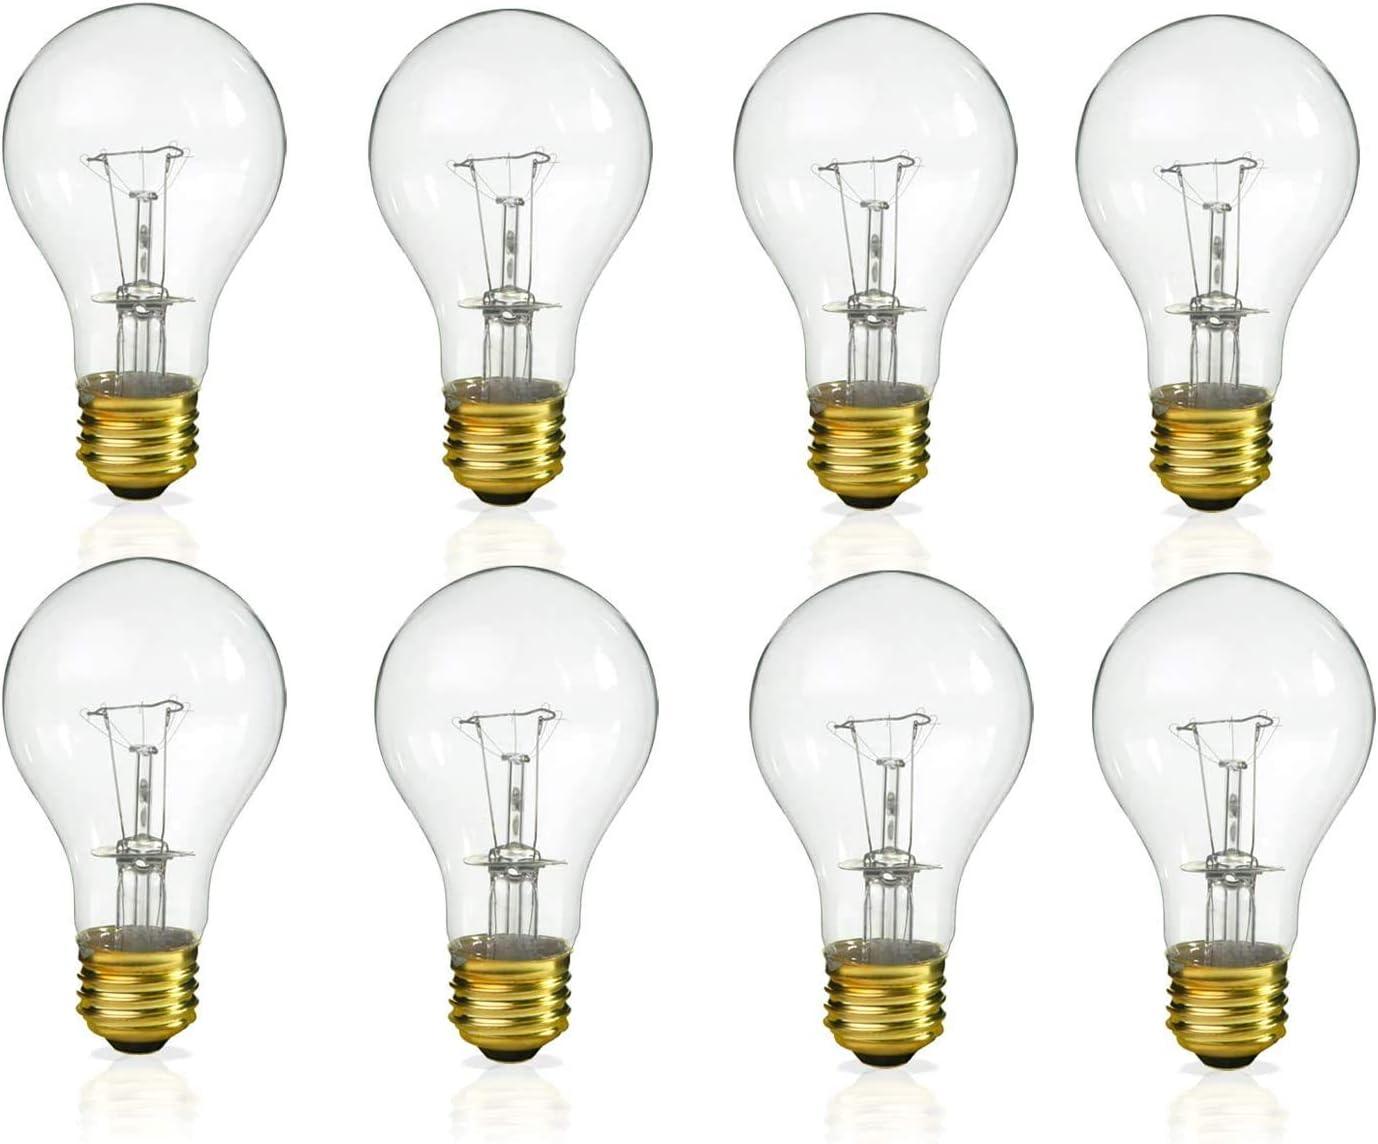 (Pack of 8) Incandescent 60 Watt A19 Light Bulb: Clear Standard Household E26 Medium Base Rough Service Light Bulbs